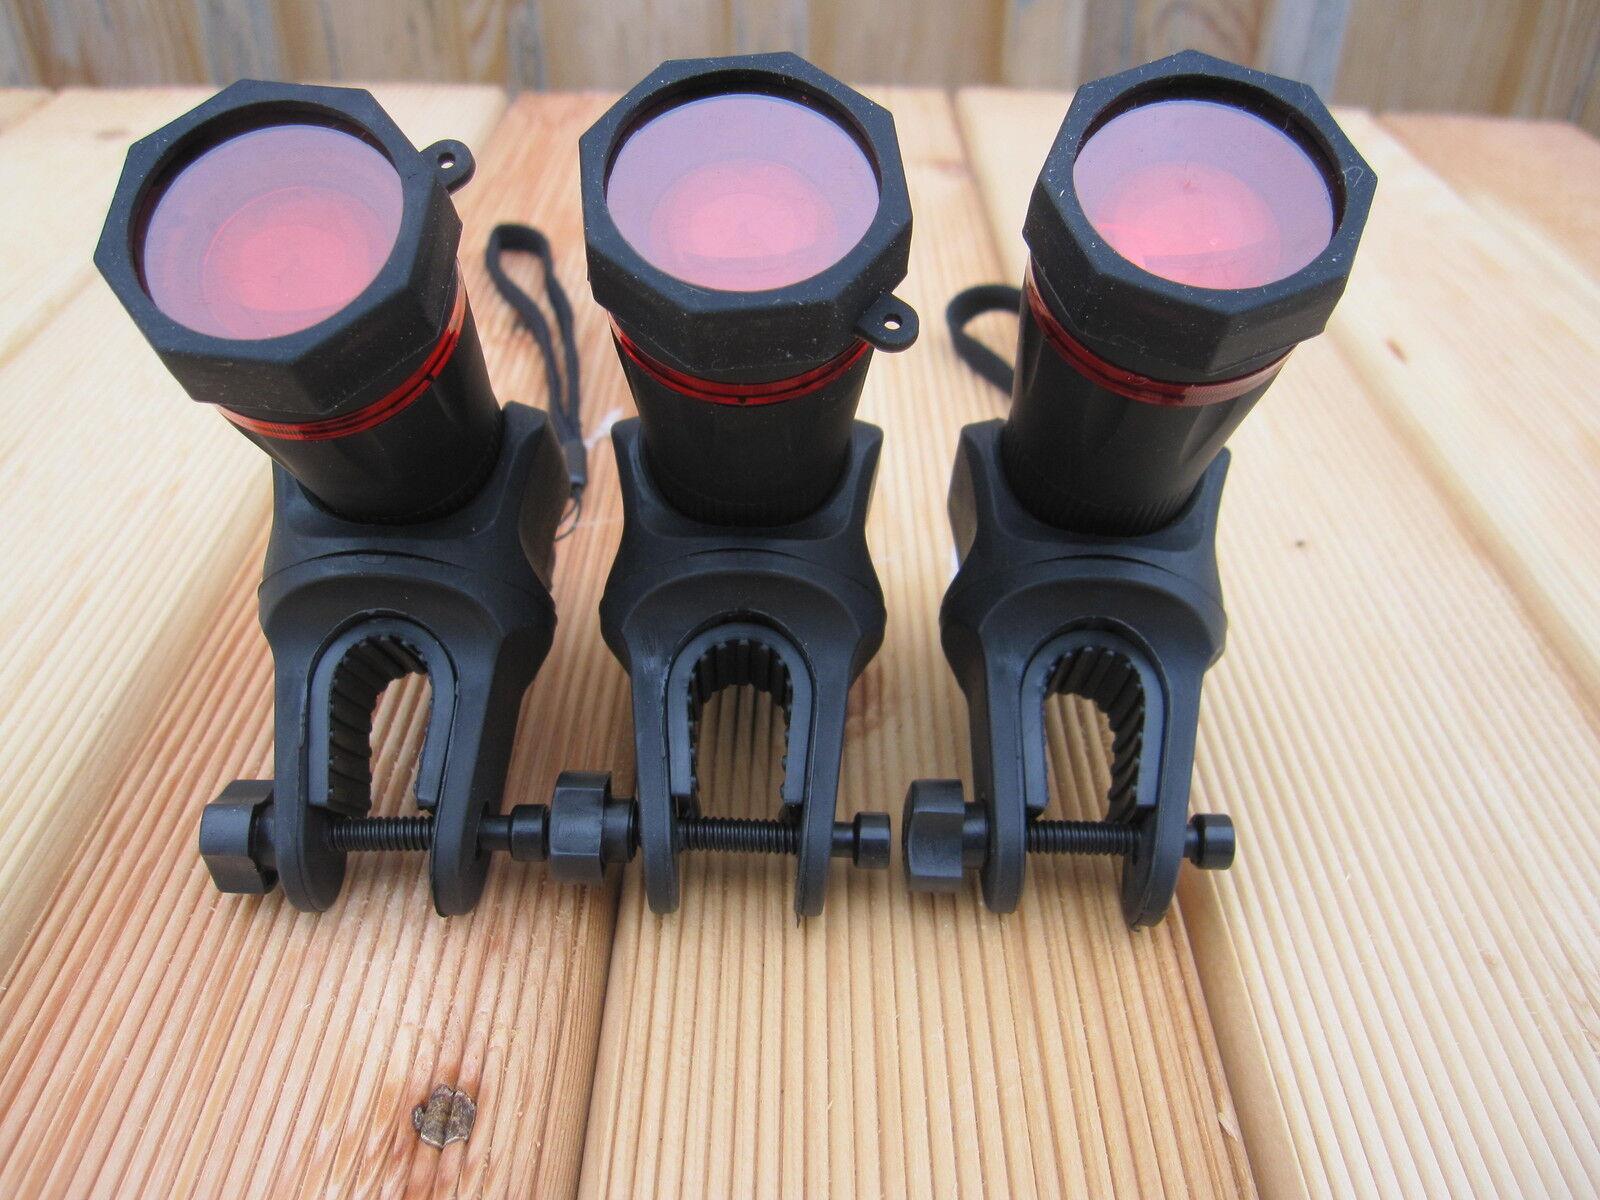 3 x Rod Pod Rotlicht Beleuchtung Karpfenangeln Feeder Zander Karpfen Weißfisch